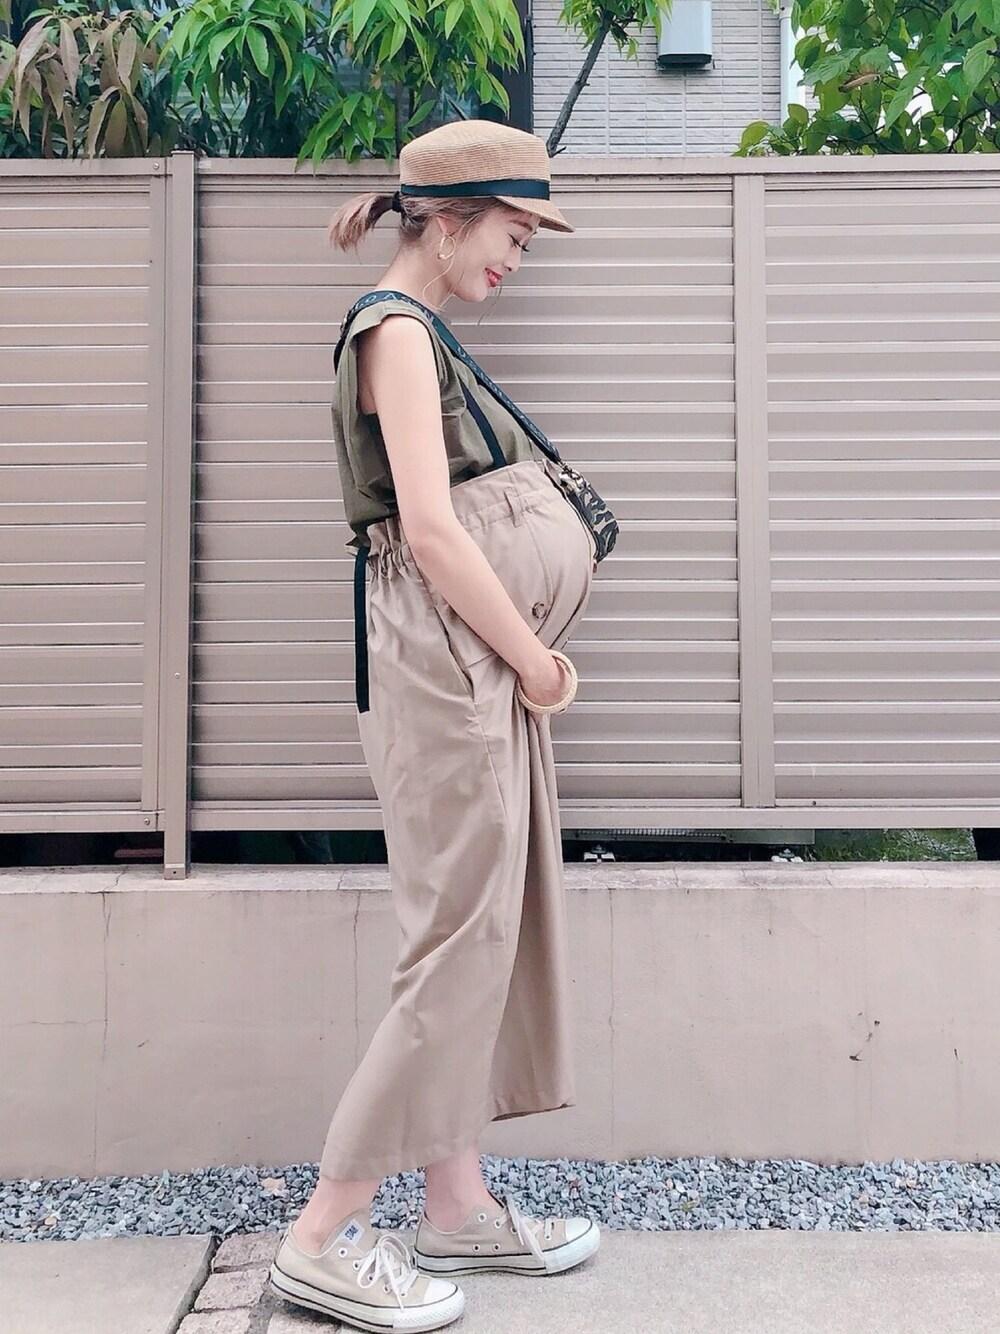 マタニティコーデ 30代妊婦 通販 Sweet mommy スカート 夏服